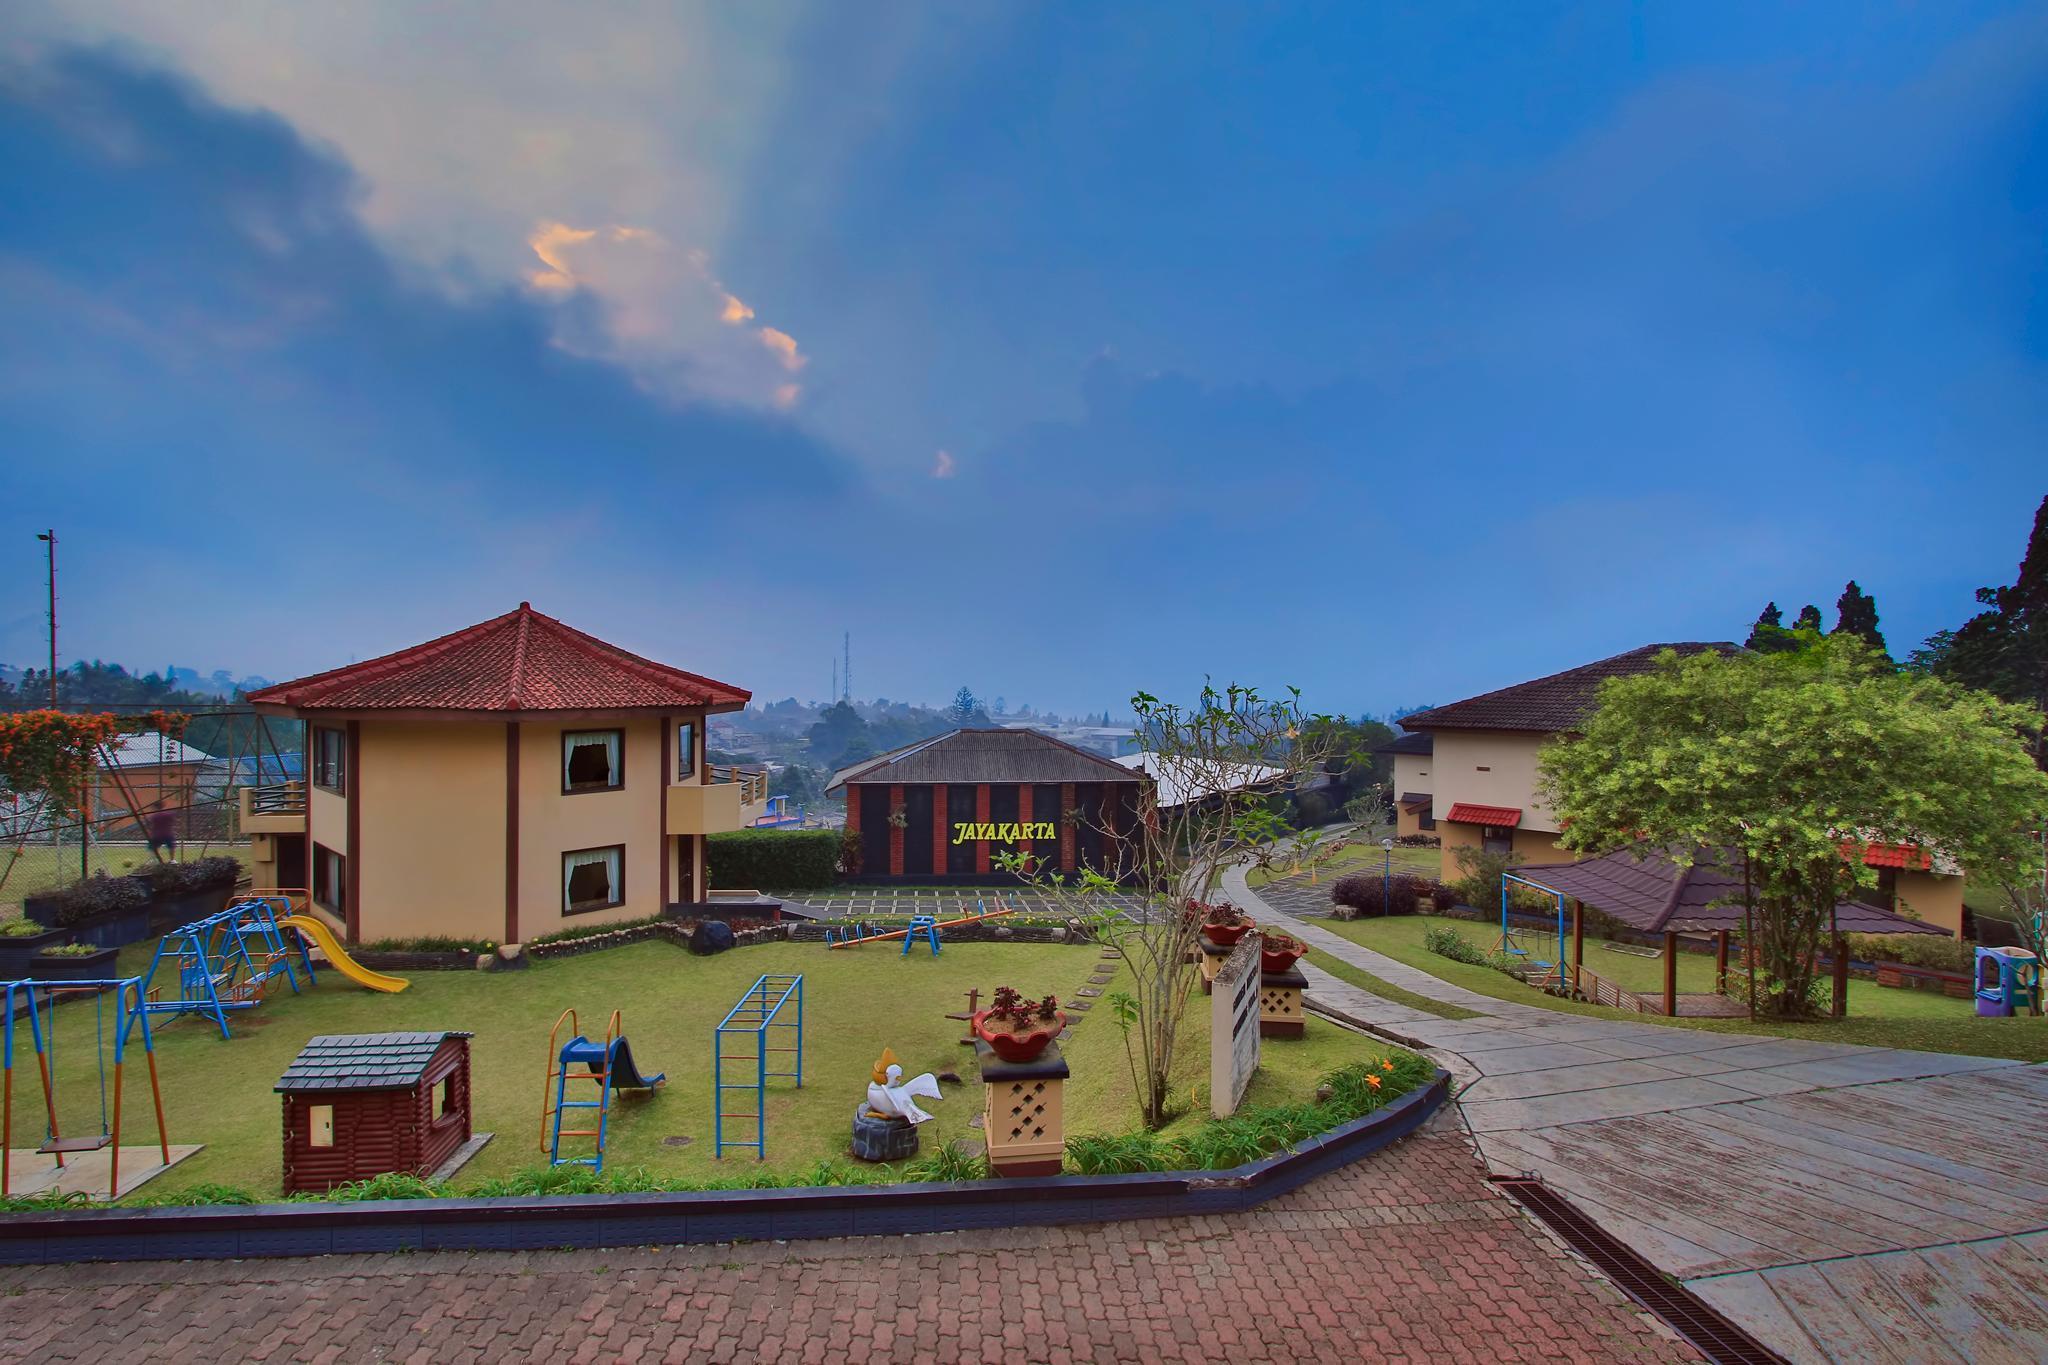 Jayakarta Cisarua Inn and Villa